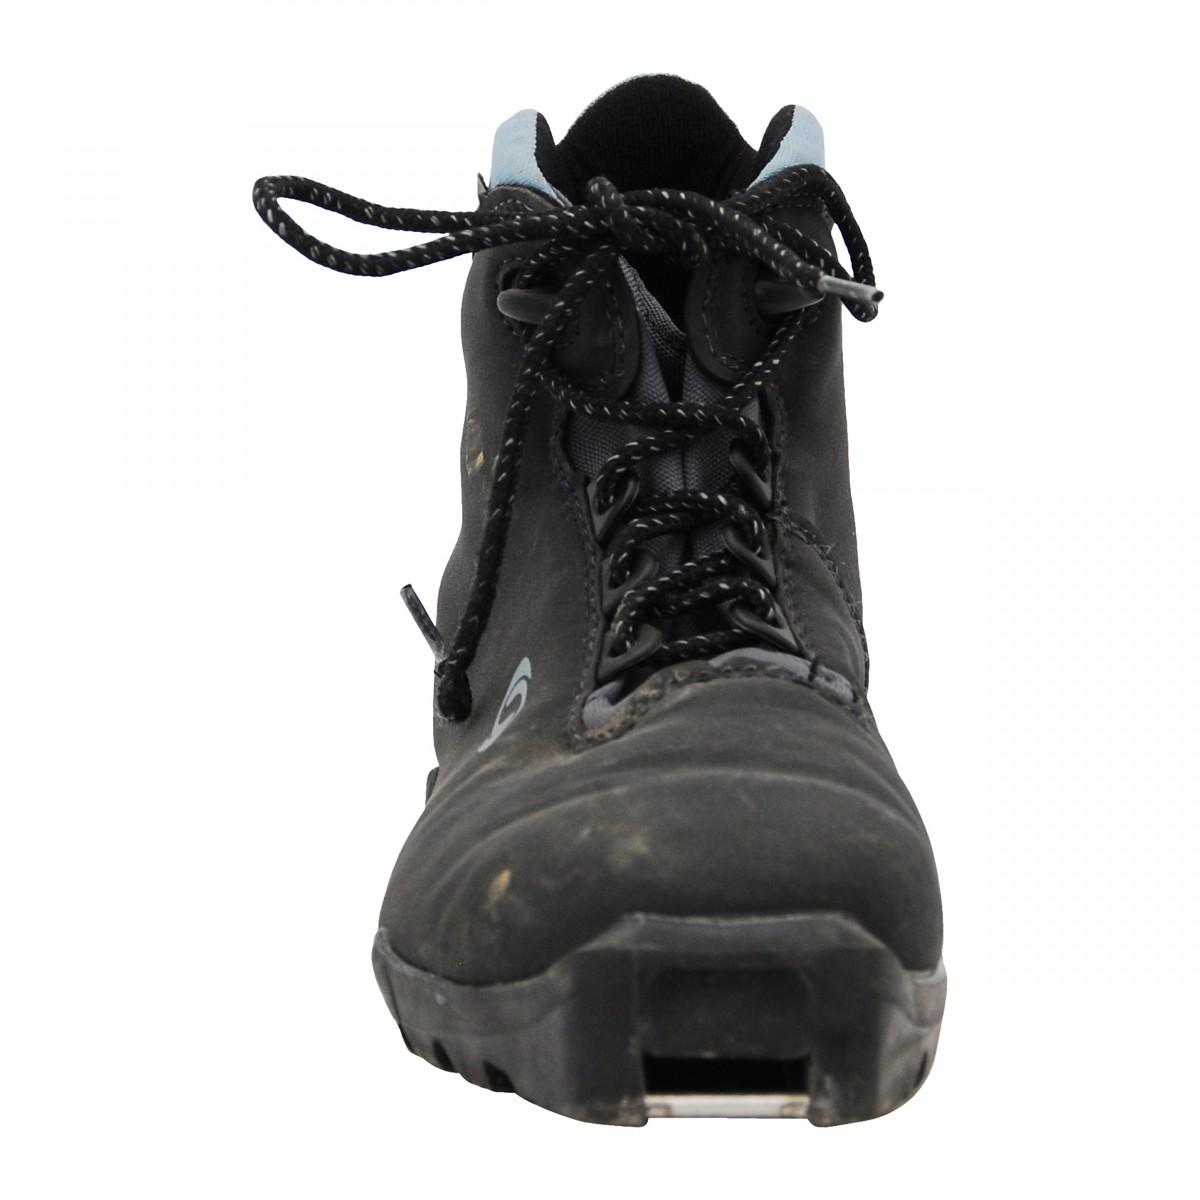 Détails sur Chaussure ski fond occasion Salomon classic noir bleu